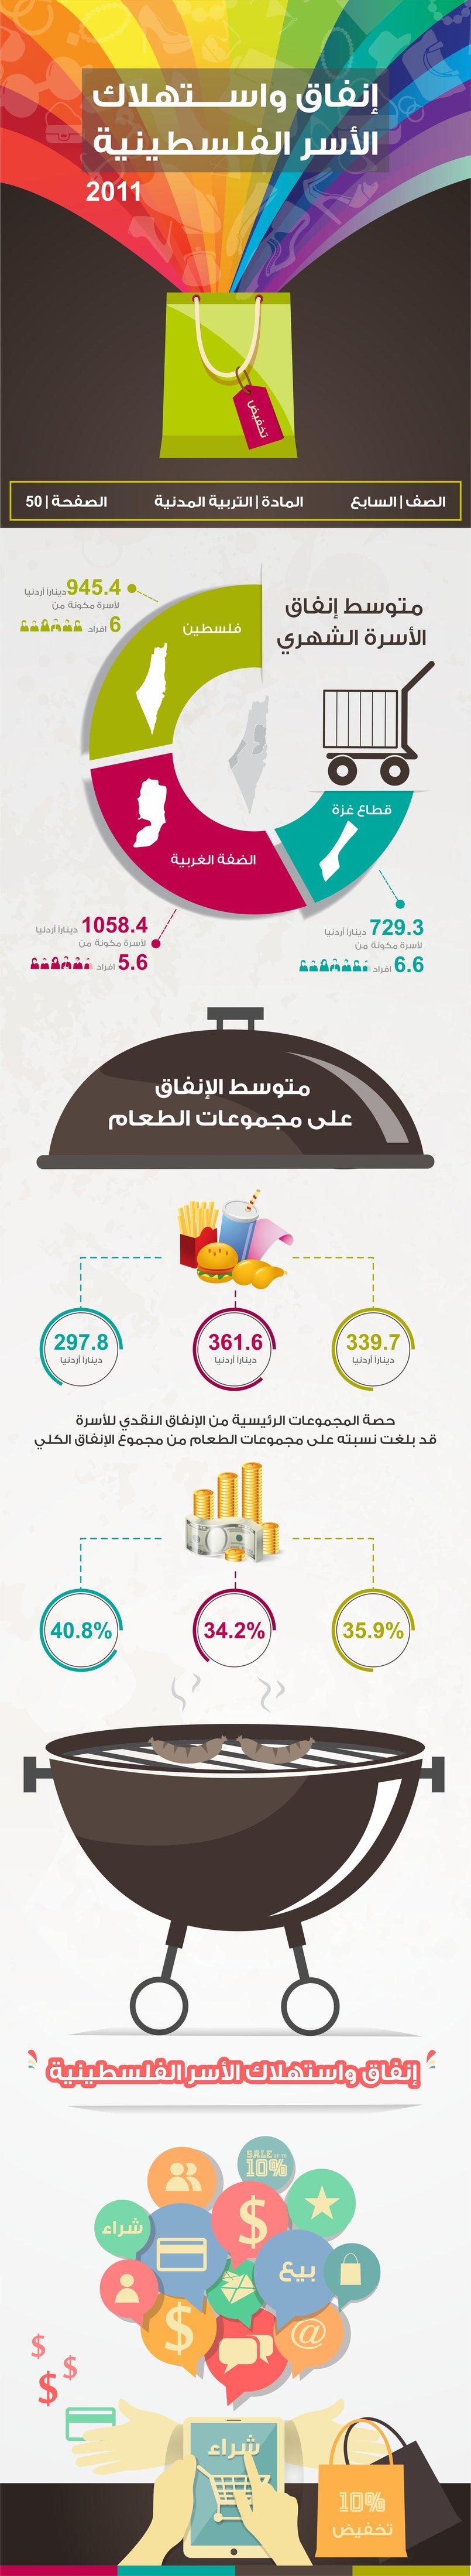 إنفاق واستهلاك الأسر الفلسطينية ( صورة انفوجرافيك )